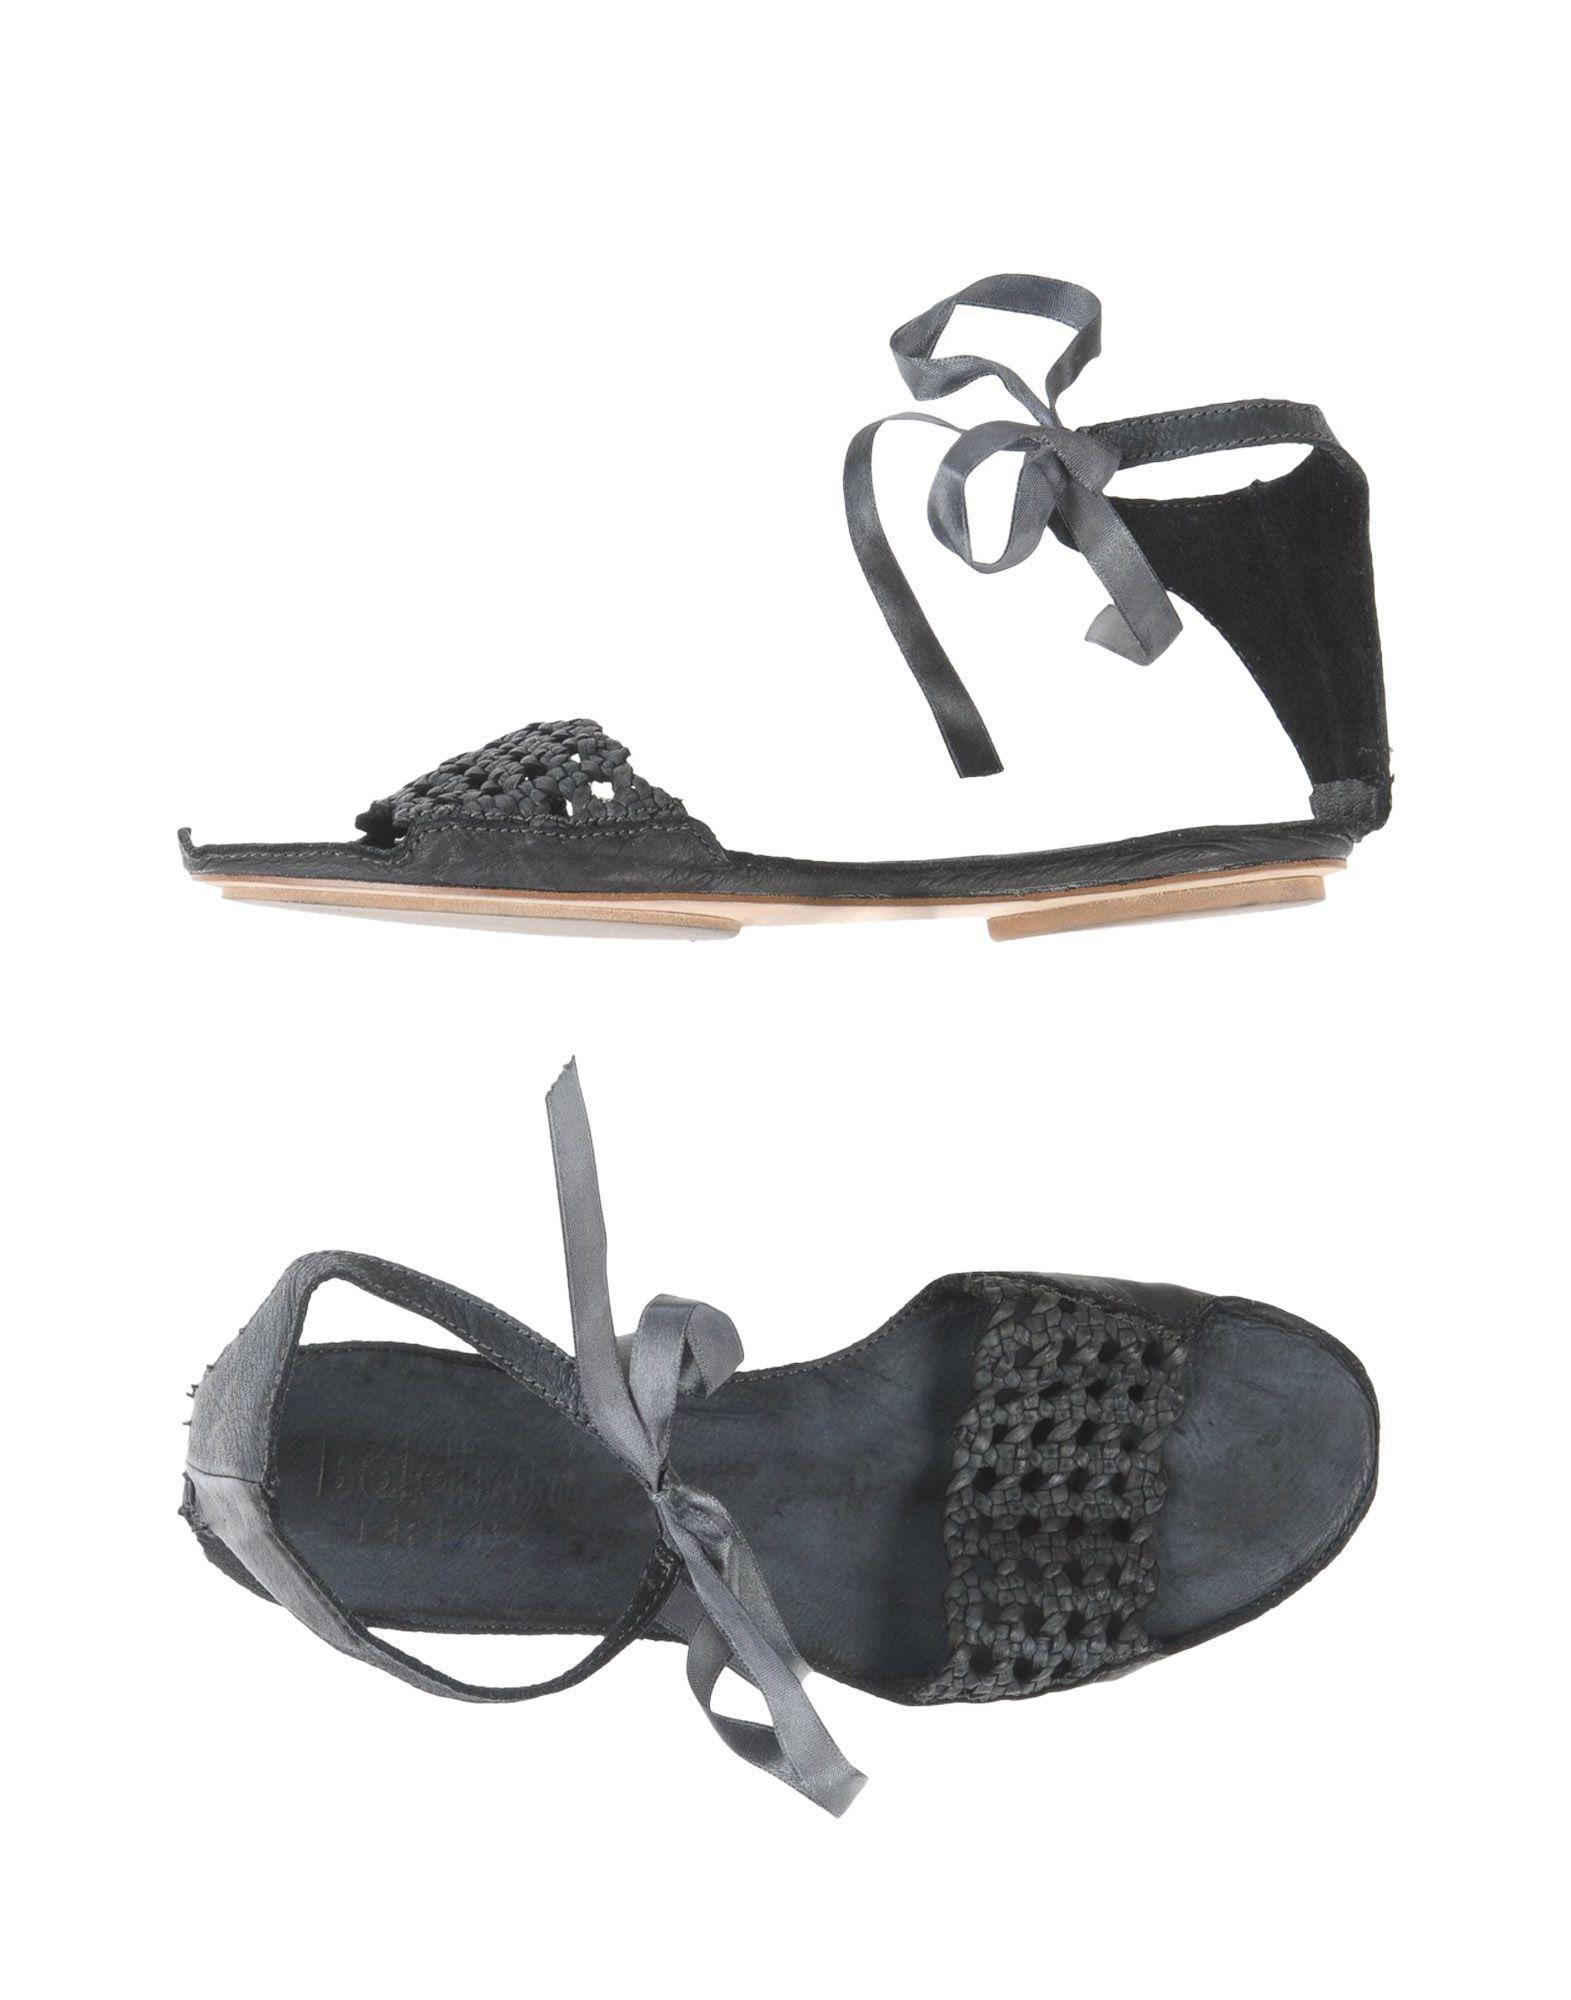 Chaussures - Sandales Entredoigt Baldinini UG5bG